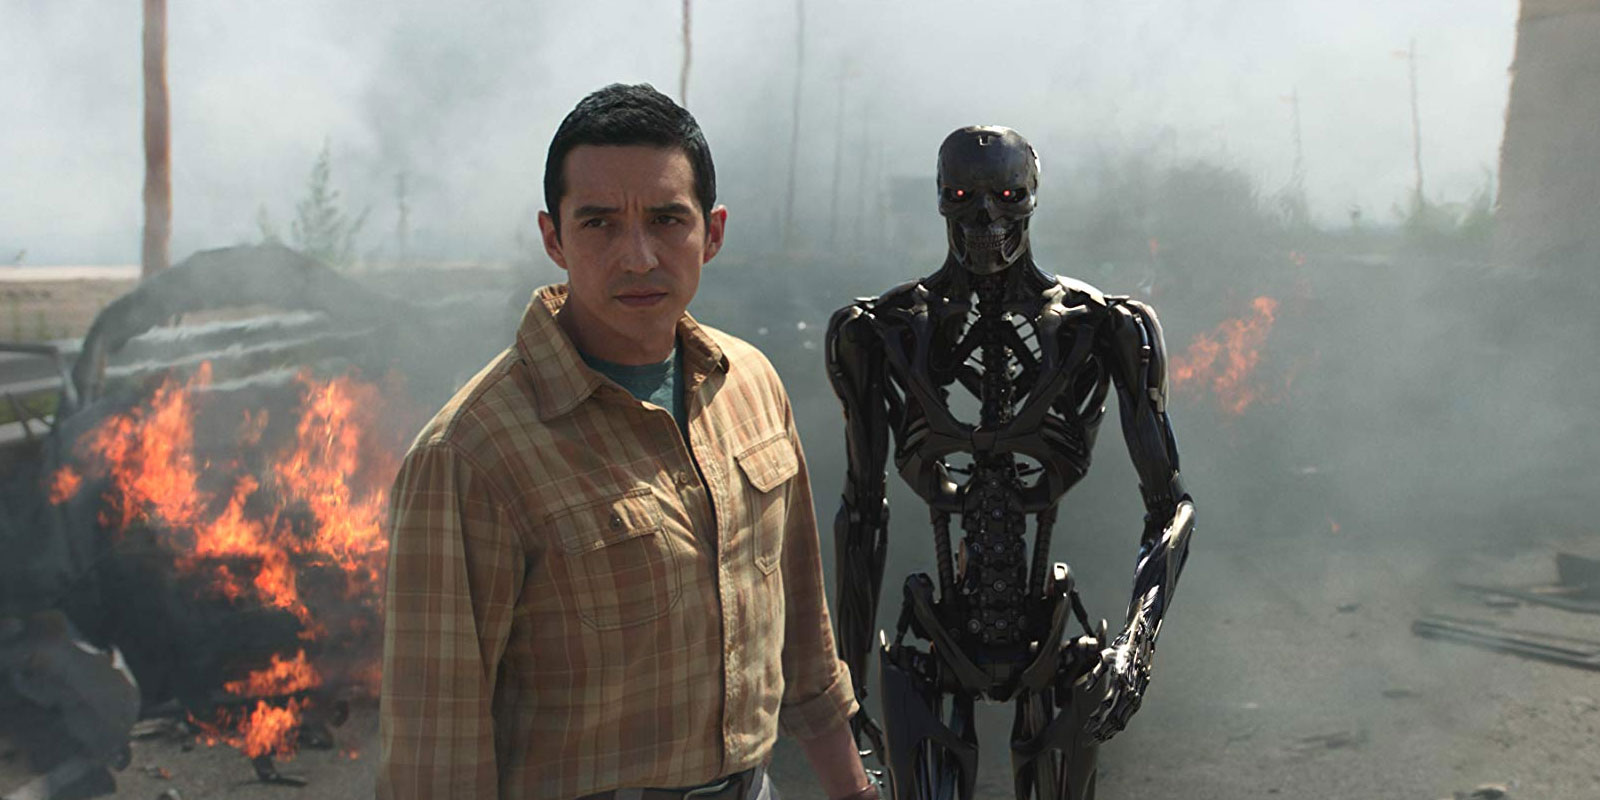 Win Advance Screening Passes to Terminator: Dark Fate in Miami, FL